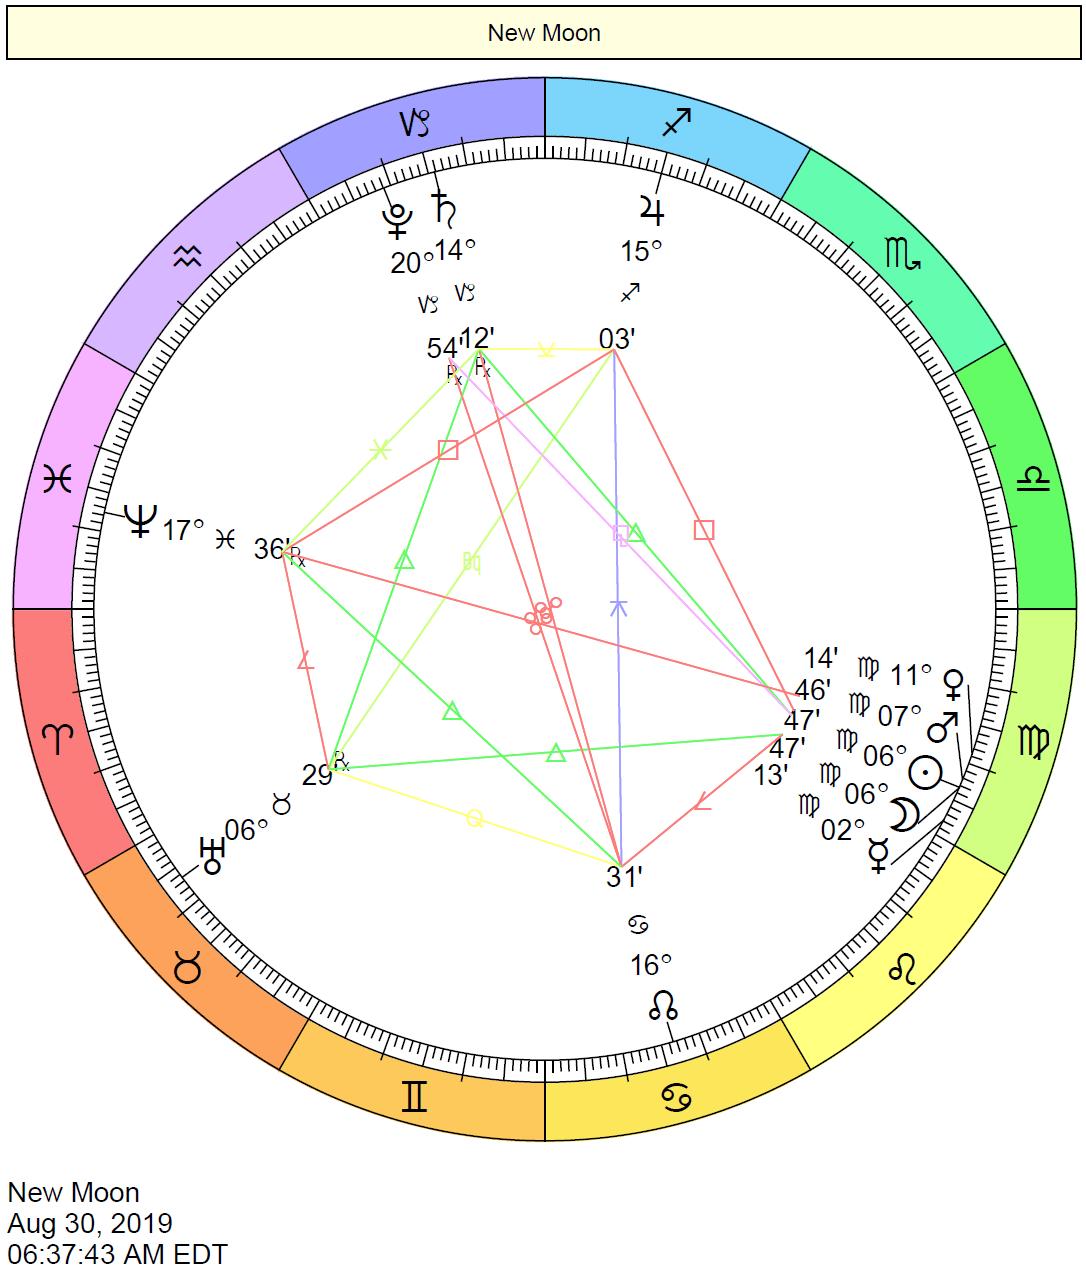 New Moon in Virgo Chart: August 30, 2019